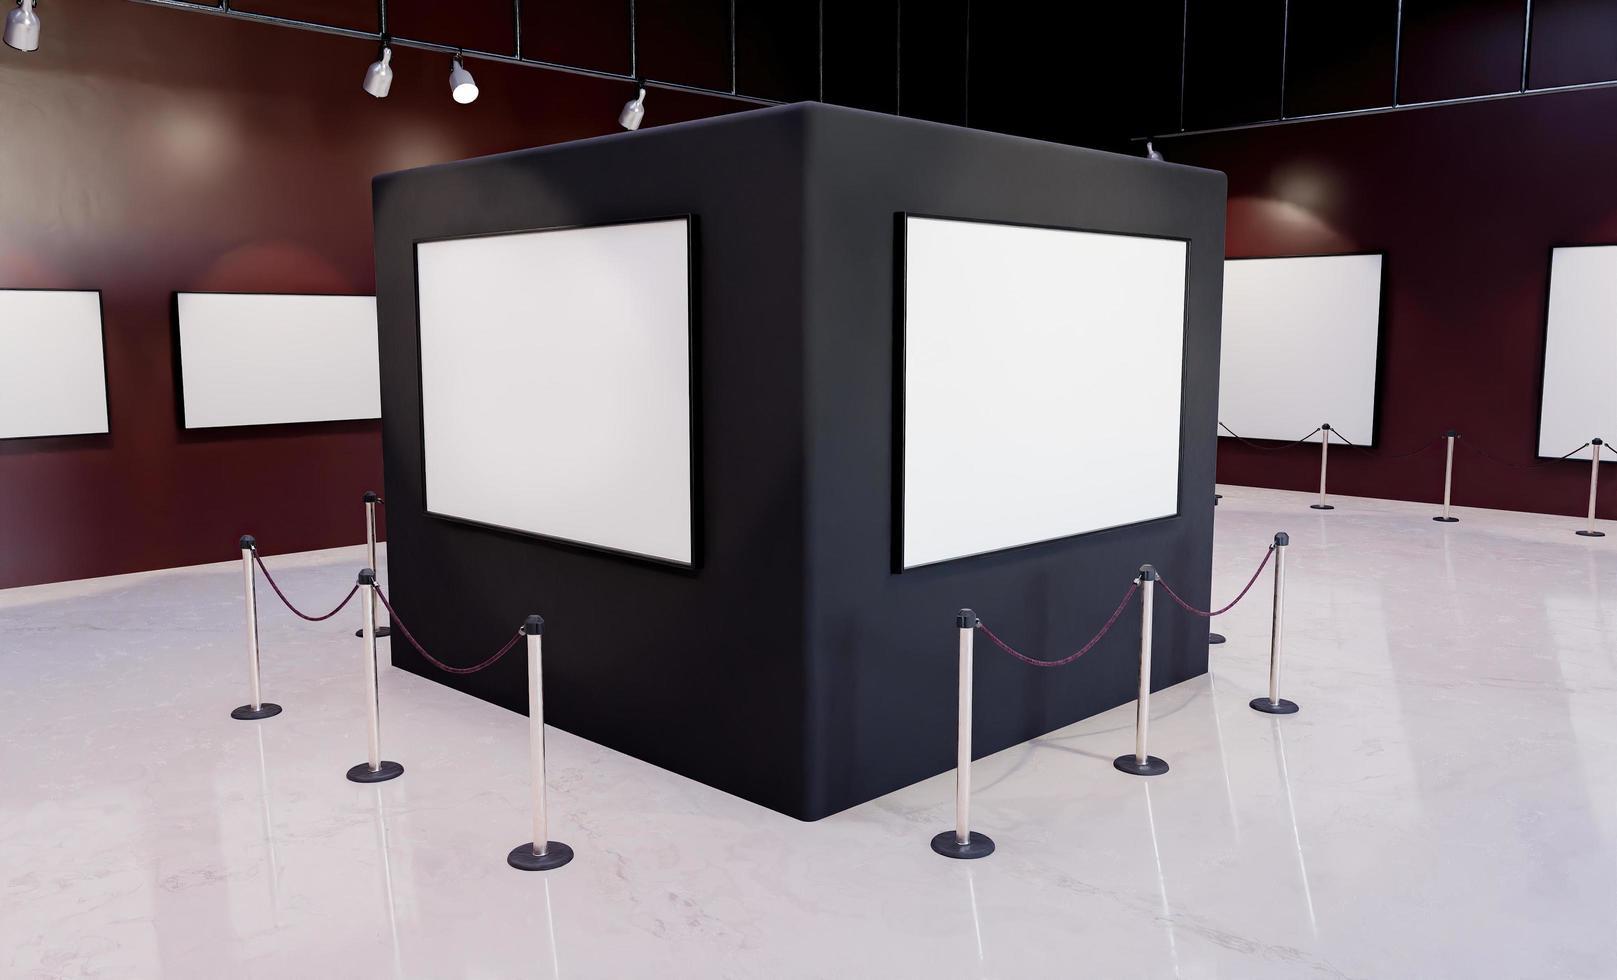 colonna museale con mockup di cornici con faretti illuminanti foto